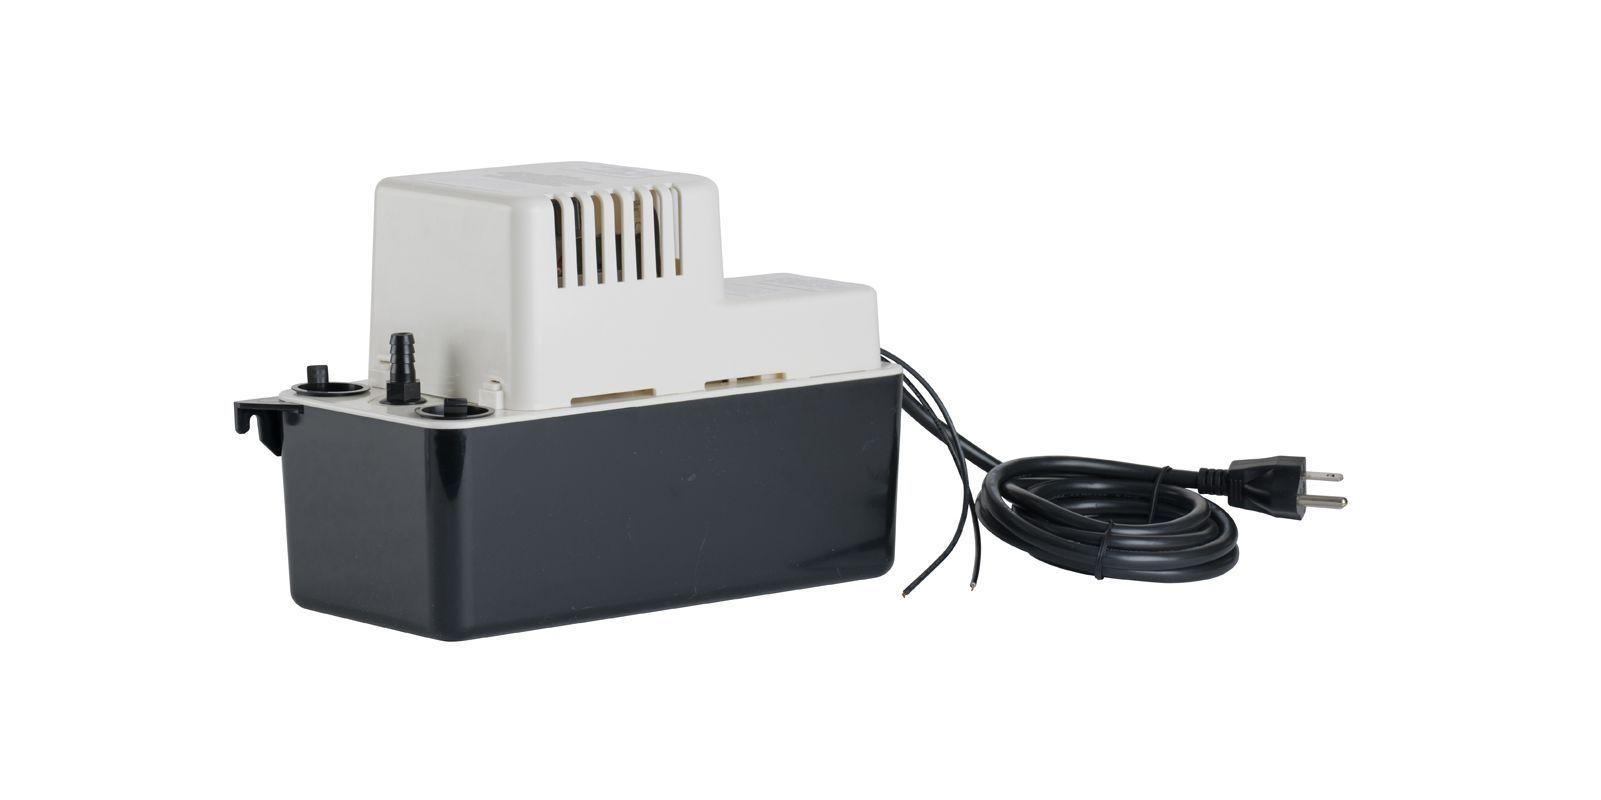 Seer And Afue In 2020 Air Heating Heat Energy Efficiency